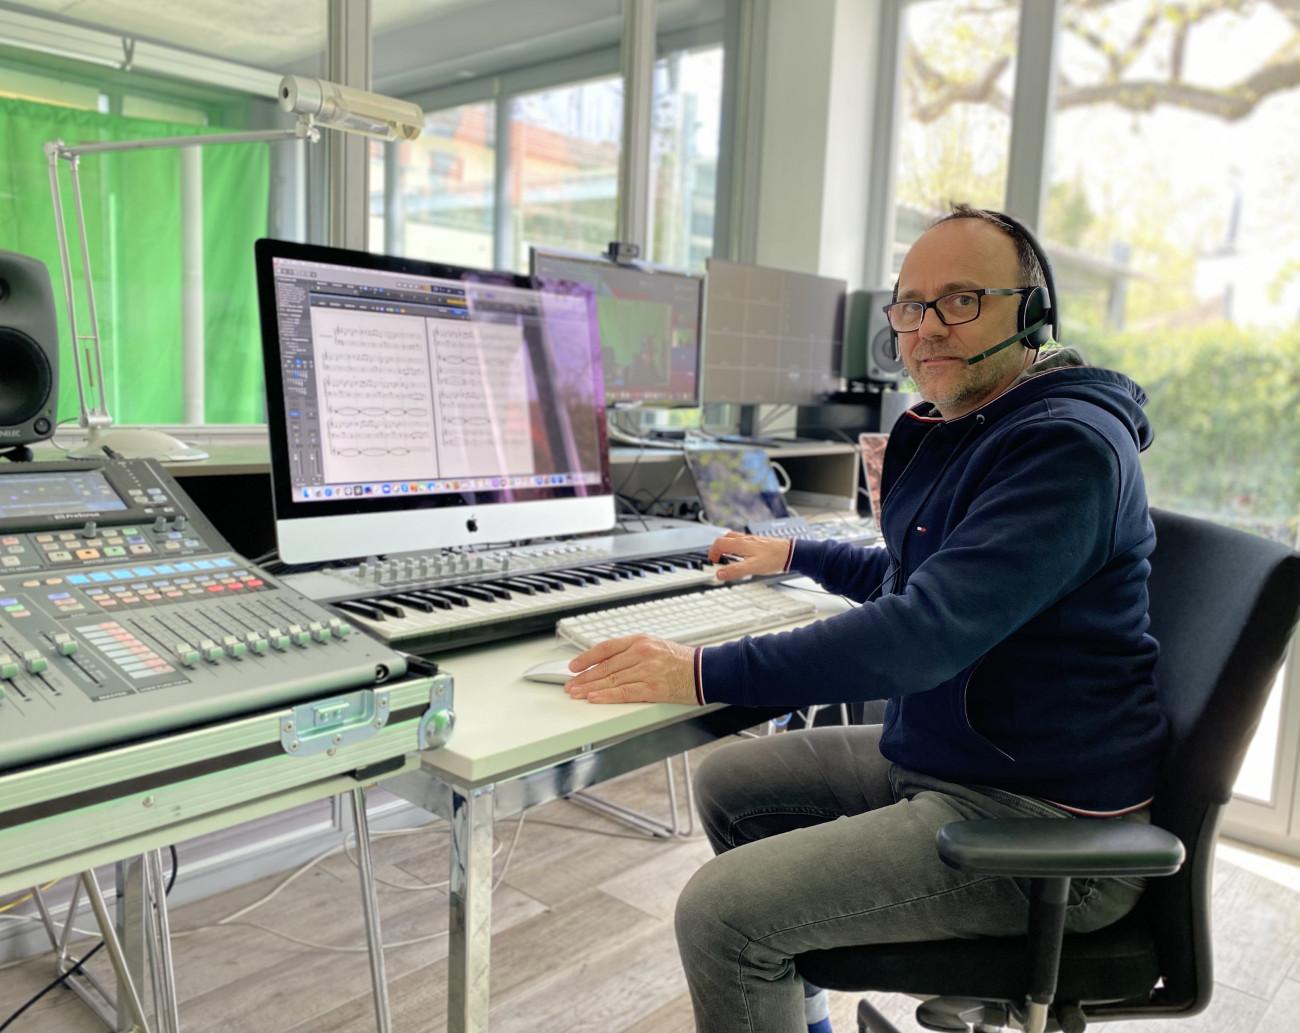 Jammin´Cool Heiko Schulz, Livemusik im Einsatz bei Corporate Events  im digitalen Raum Jammin Cool